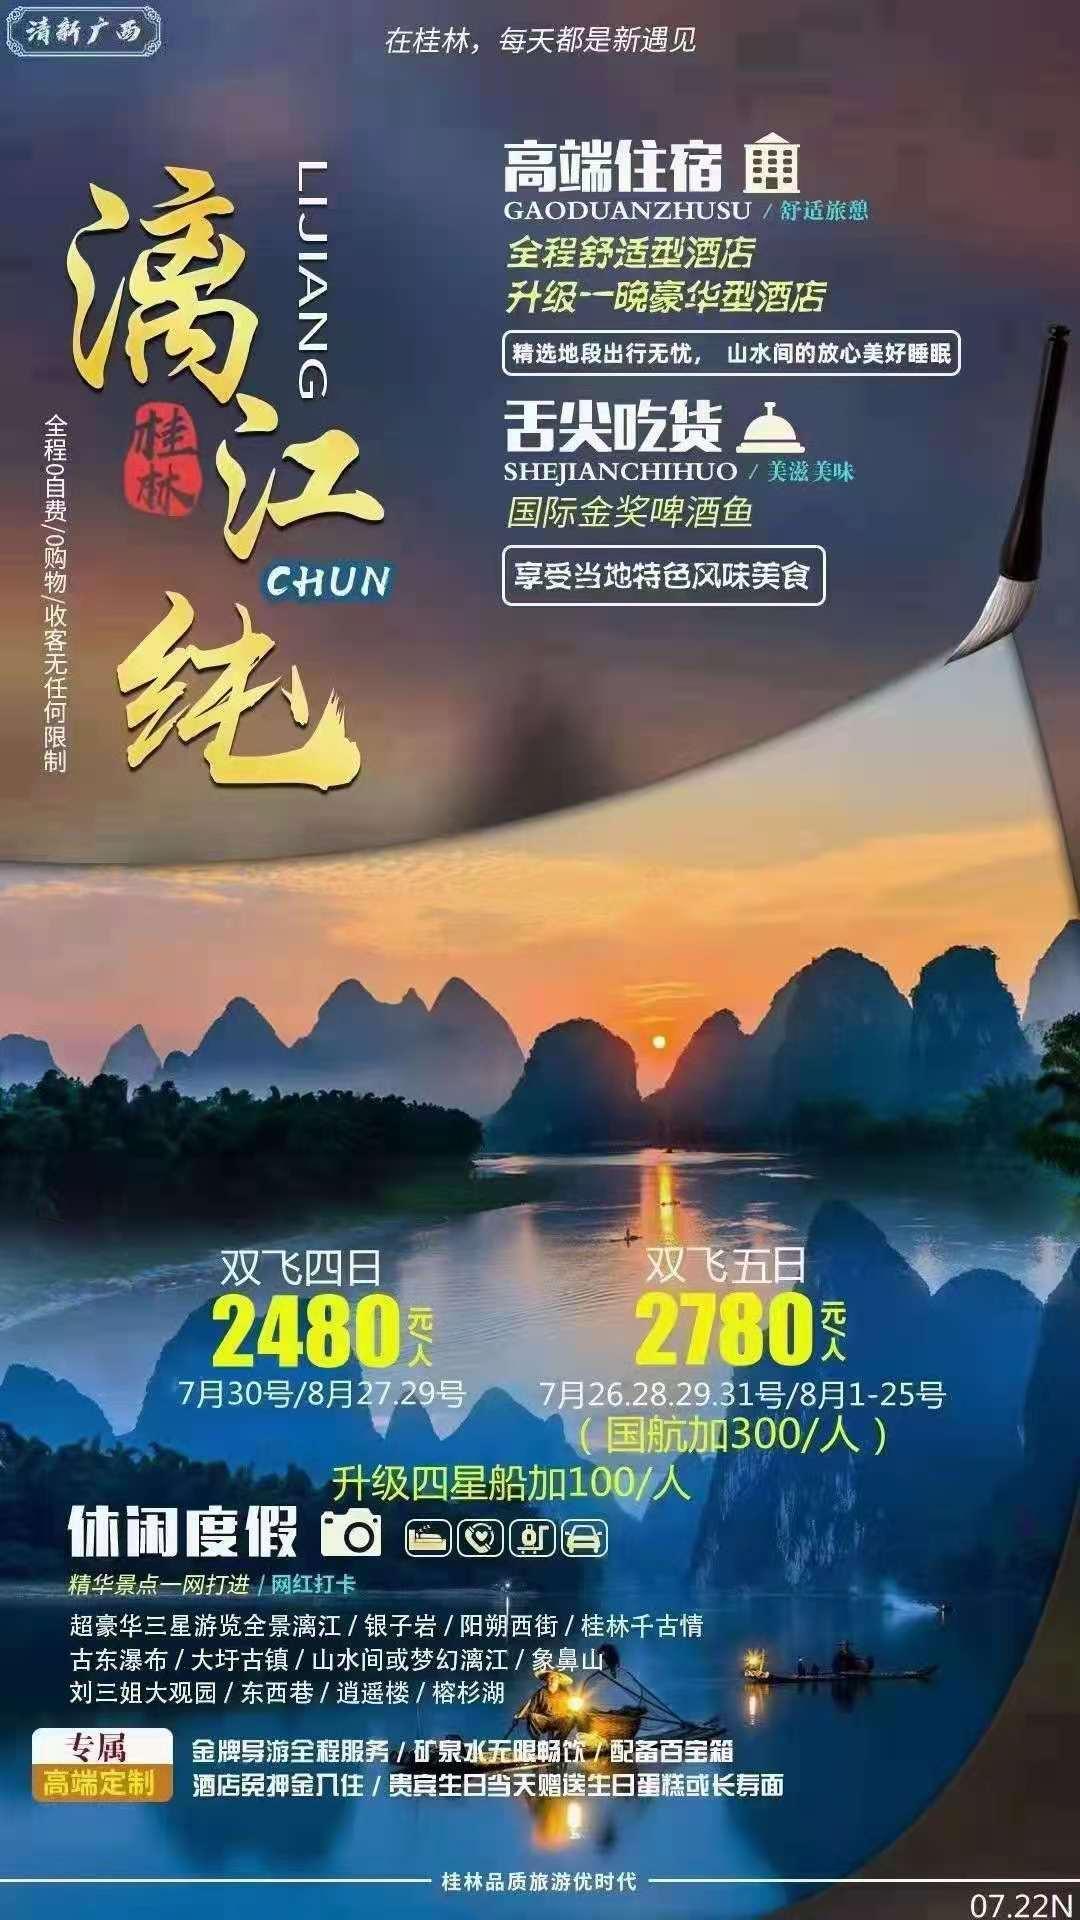 桂林漓江双飞4日